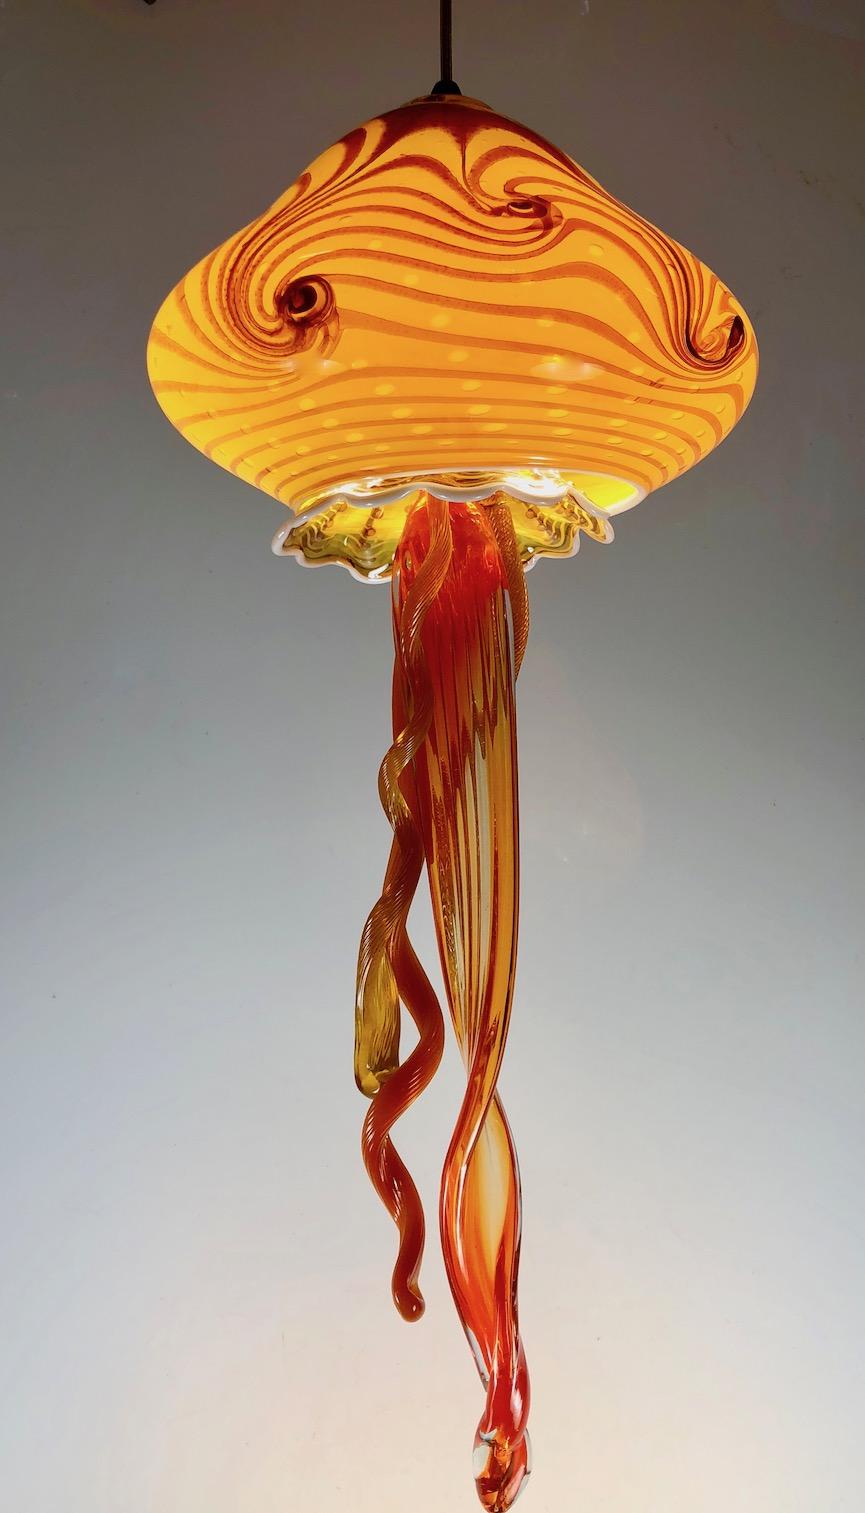 Jellyfish single Strini papaya 0936.jpeg